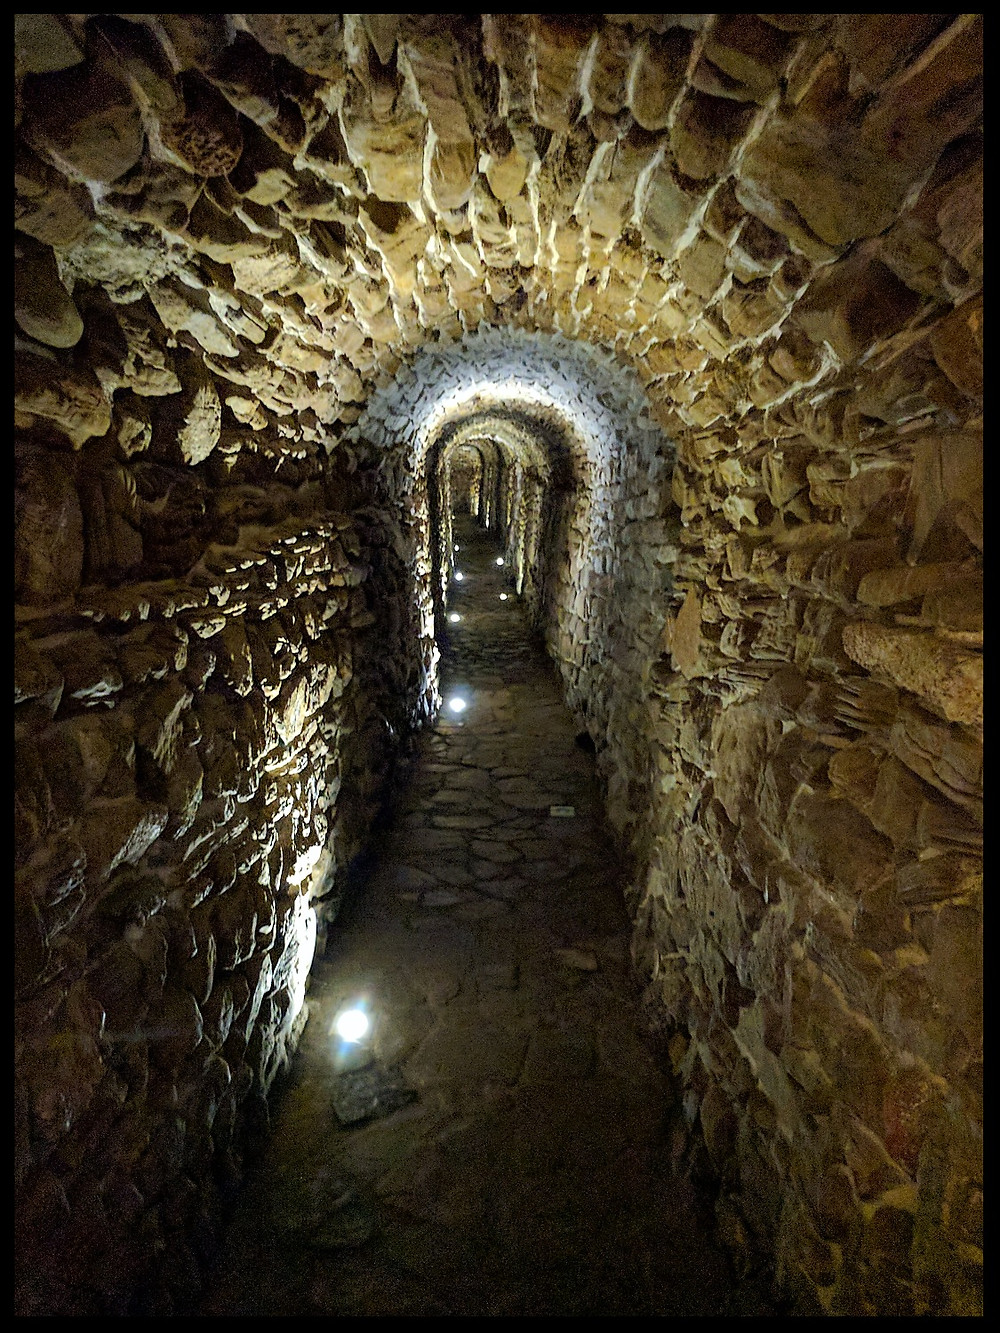 The Przemyśl underground, Przemyśl, Poland